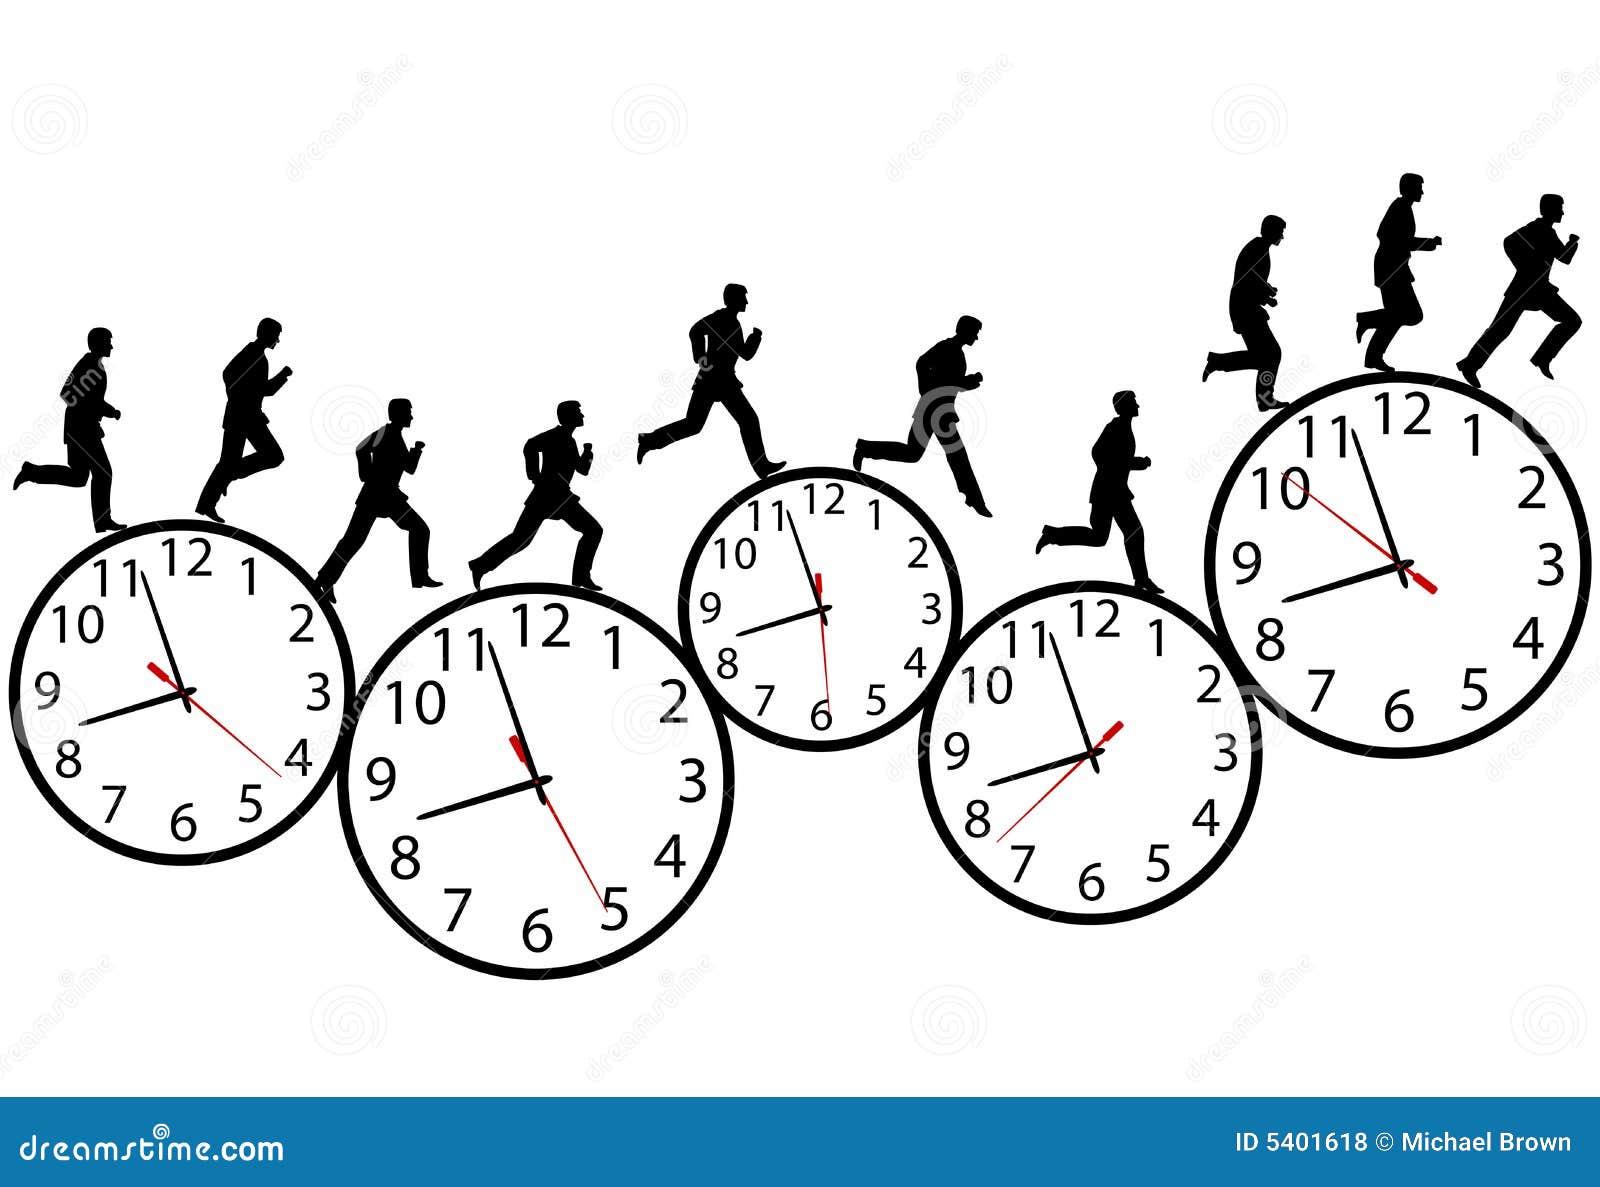 De zakenman in een haast stelt op tijd klokken in werking